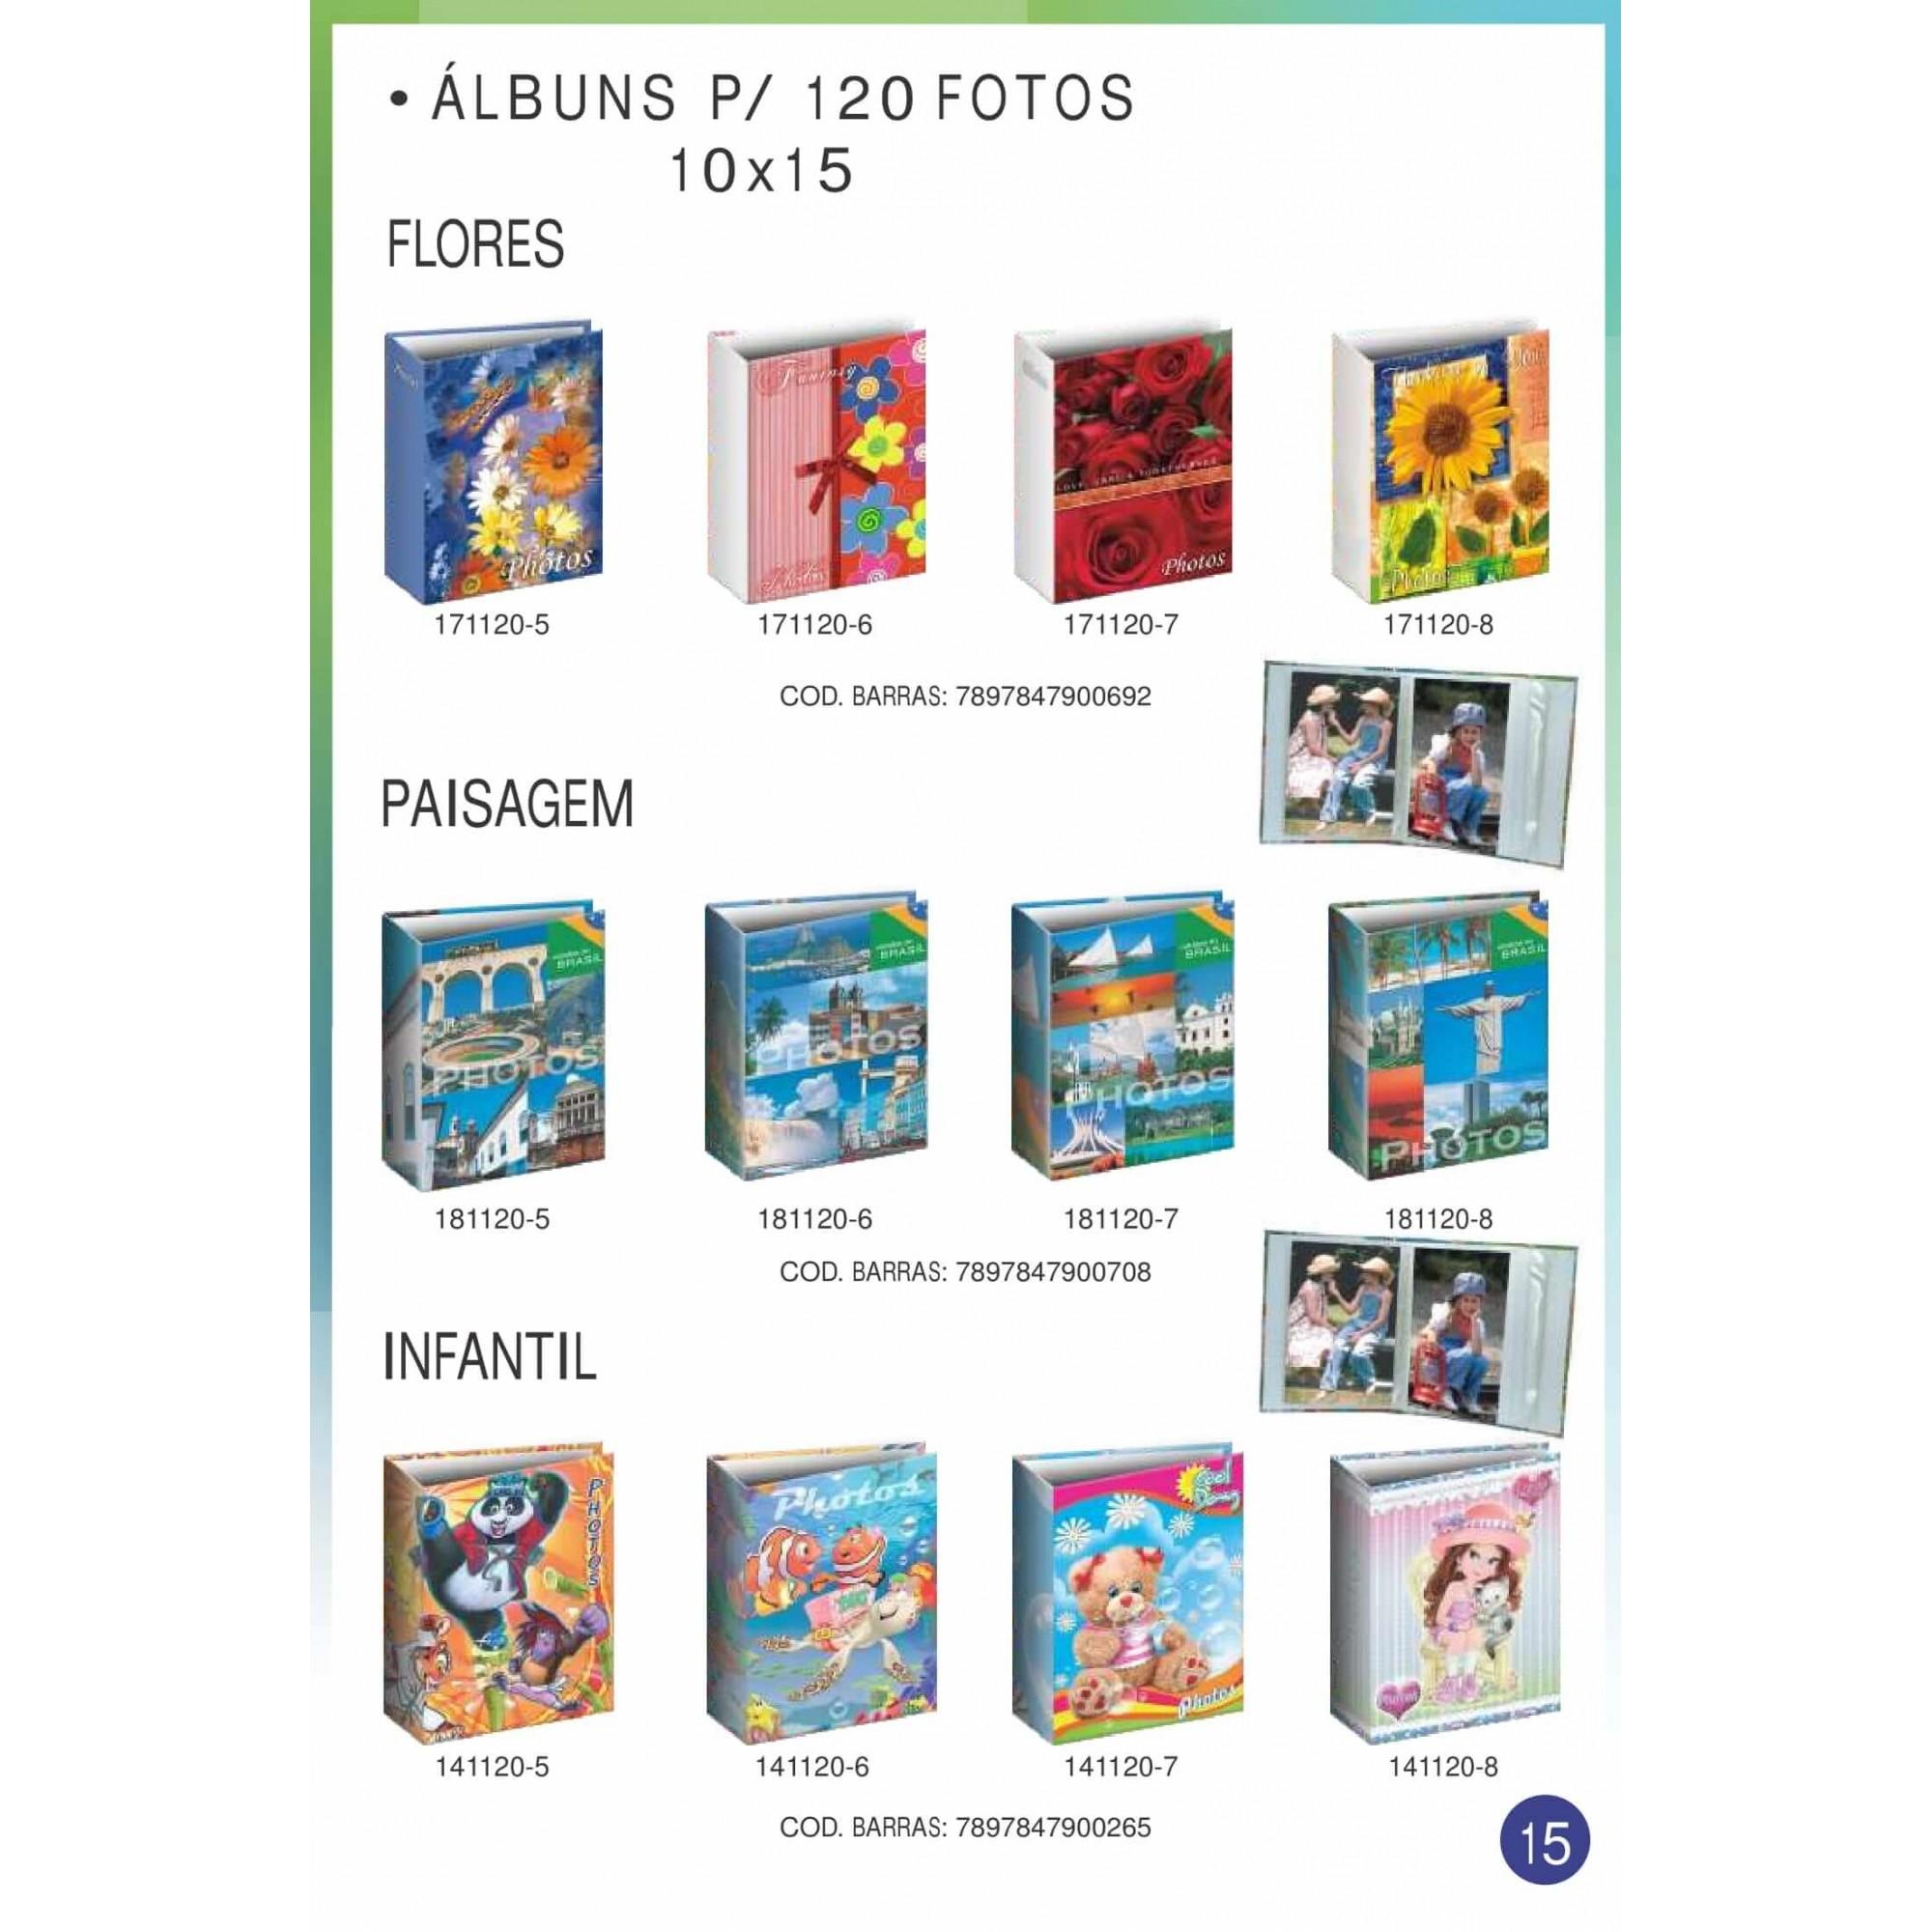 Album De 120 Fotos 10x15 Coração Novo Envio Imediato